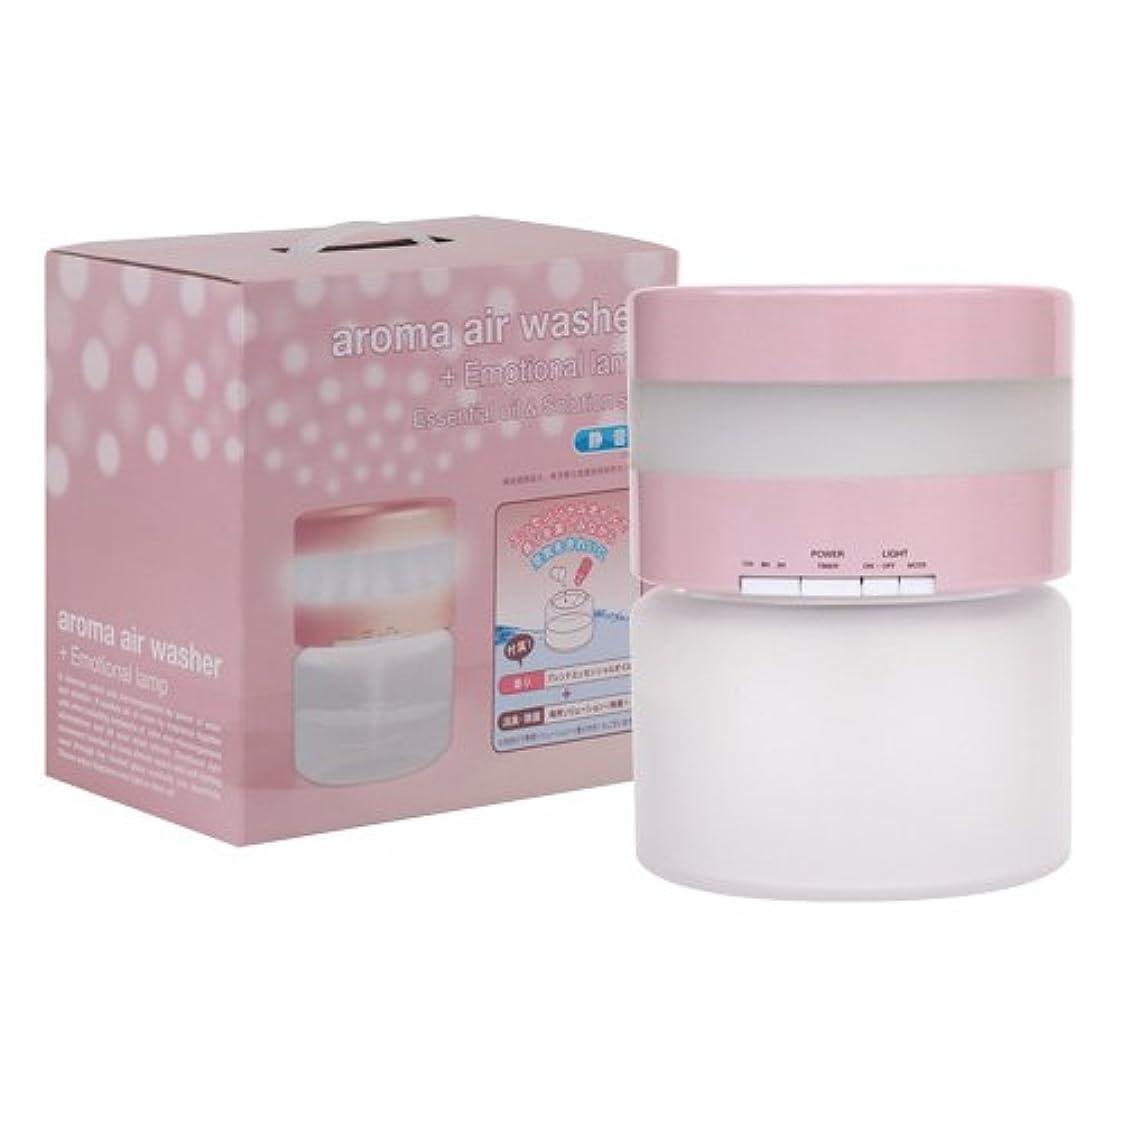 吹雪ペイン刈る空気洗浄器 アロマエアウォッシャー + エモーショナルランプ ピンク